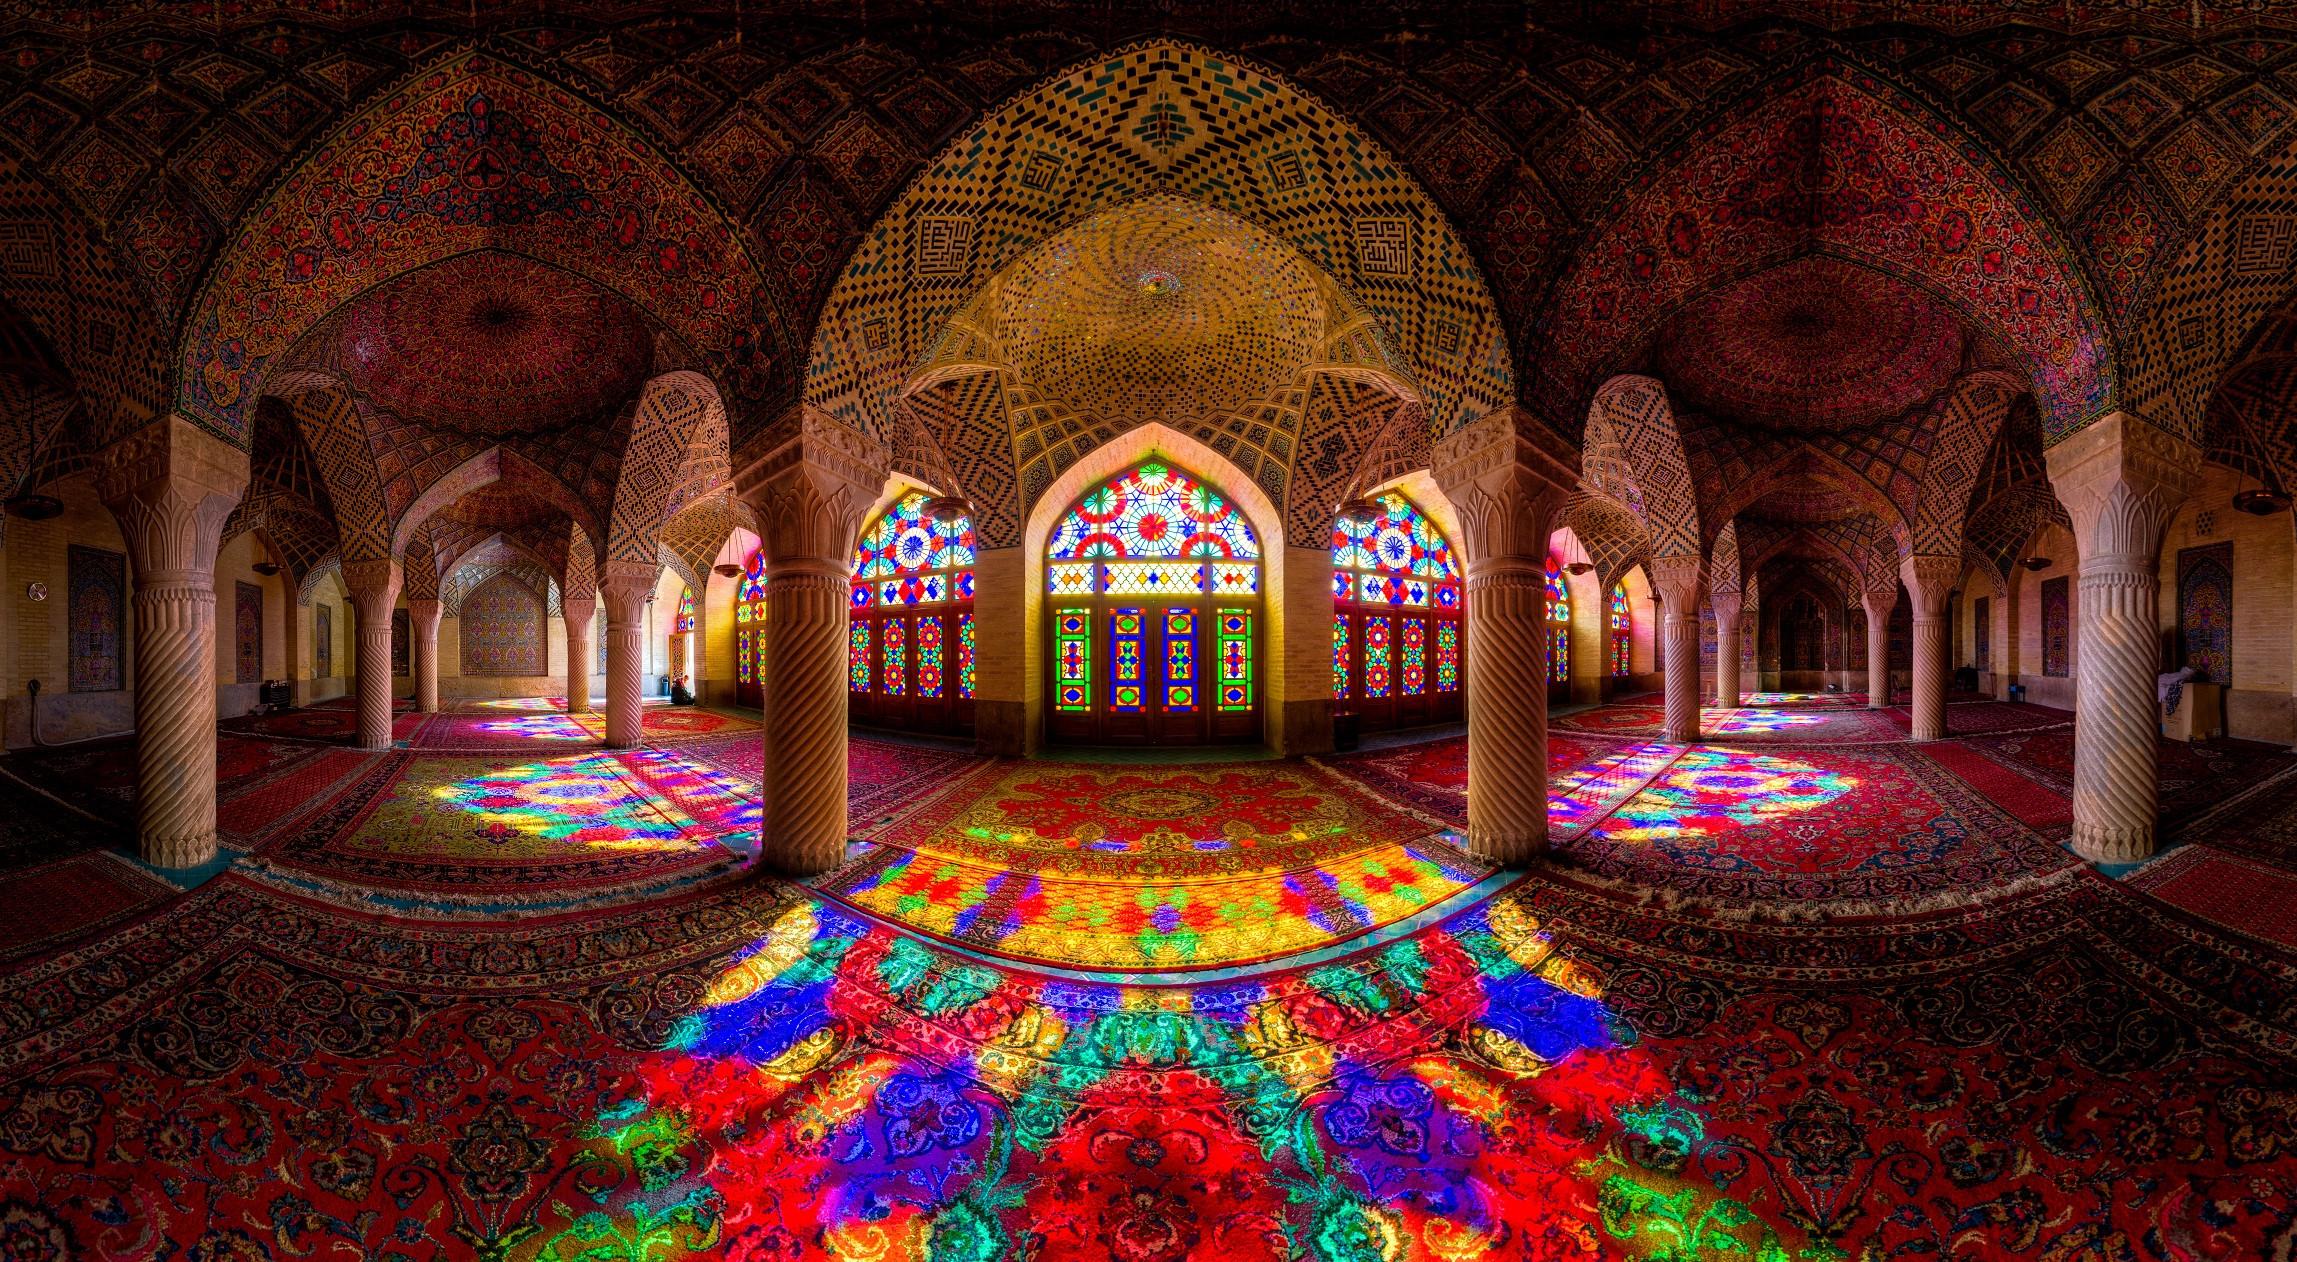 Nhà thờ Hồi giáo rực rỡ nhất thế giới có gì đặc biệt? Ảnh 2